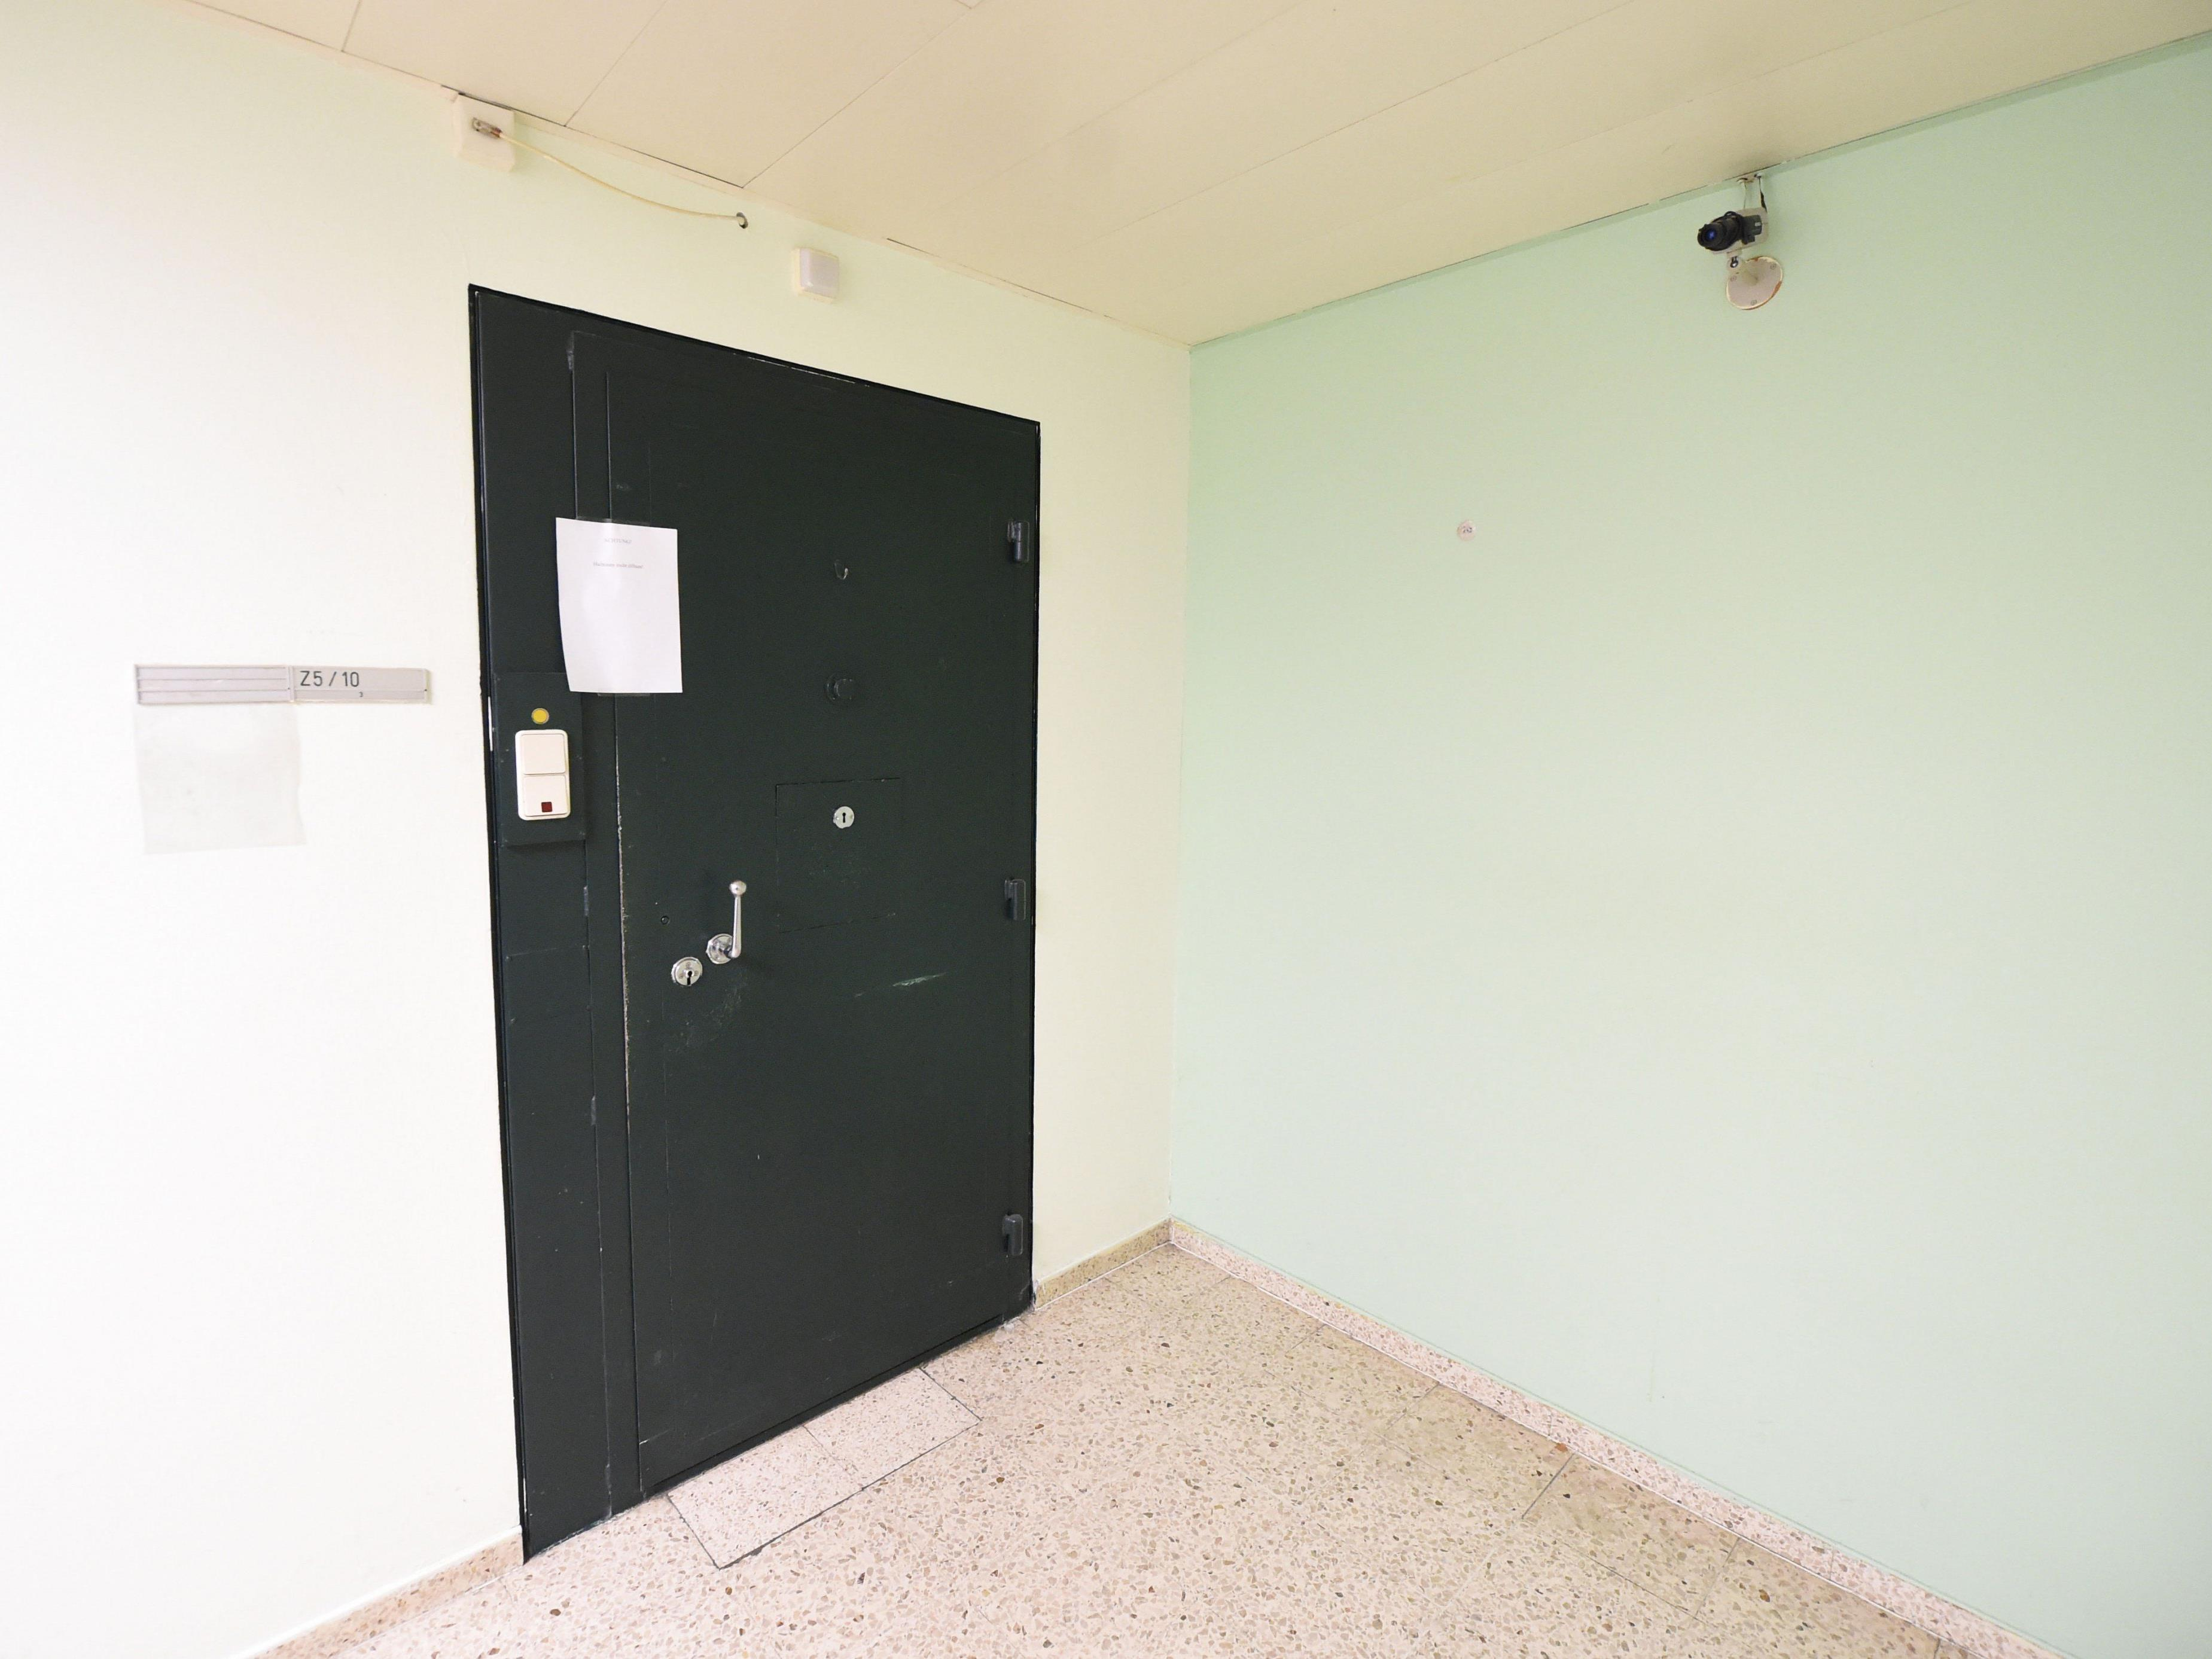 Hinter der Tür dieser Zelle wurde der ehemalige kasachische Botschafter Rakhat Aliyev tot aufgefunden